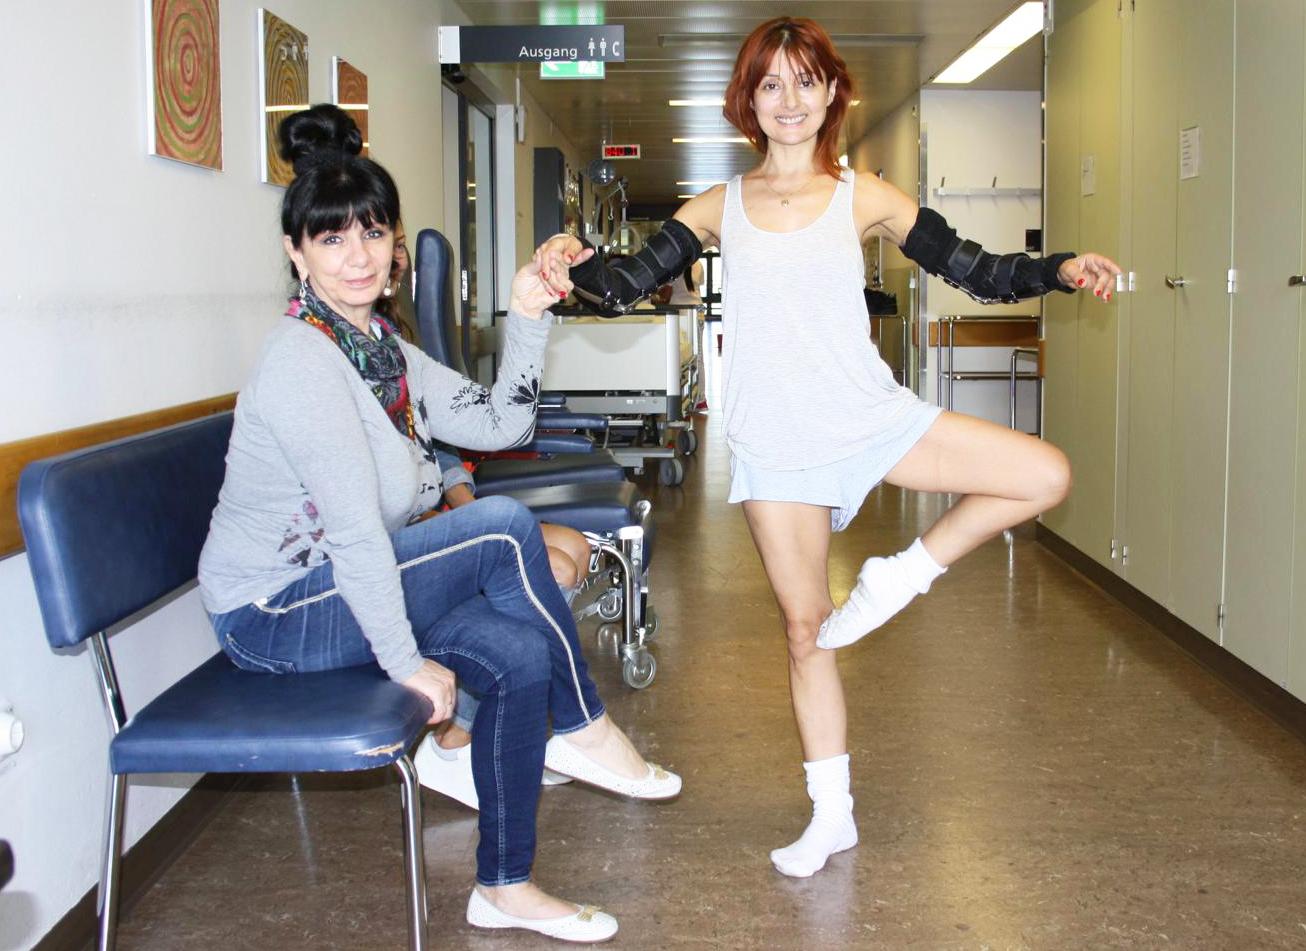 Zwei Wochen nach dem Unfall stellt sie im Spitalkorridor bereits wieder ihre Beweglichkeit unter Beweis.